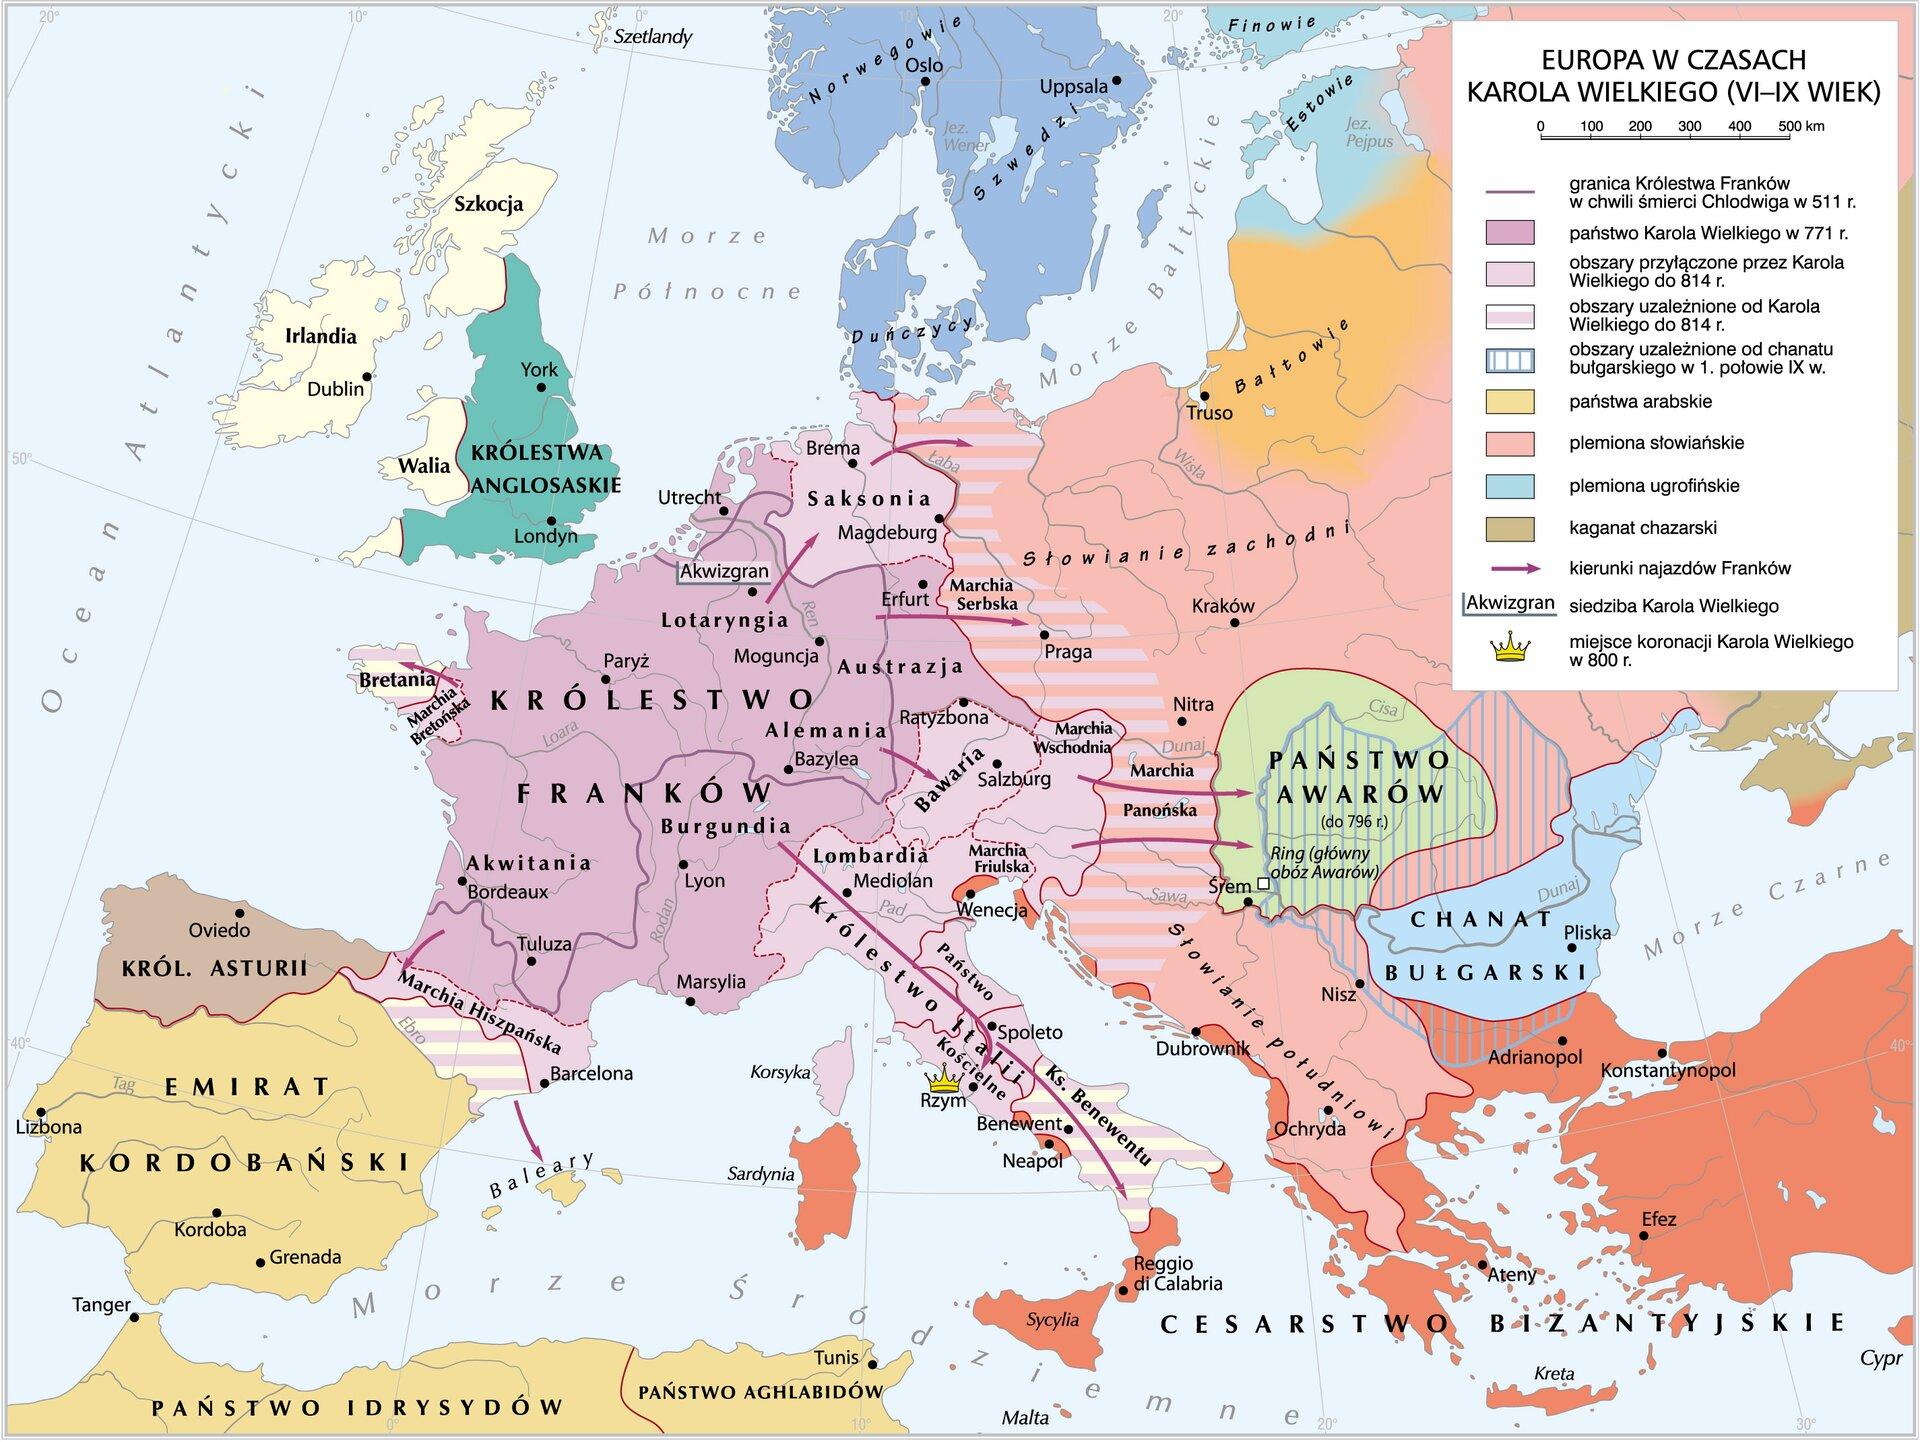 Mapa podbojów Karola Wielkiego Mapa podbojów Karola Wielkiego Źródło: Krystian Chariza izespół, licencja: CC BY 3.0.